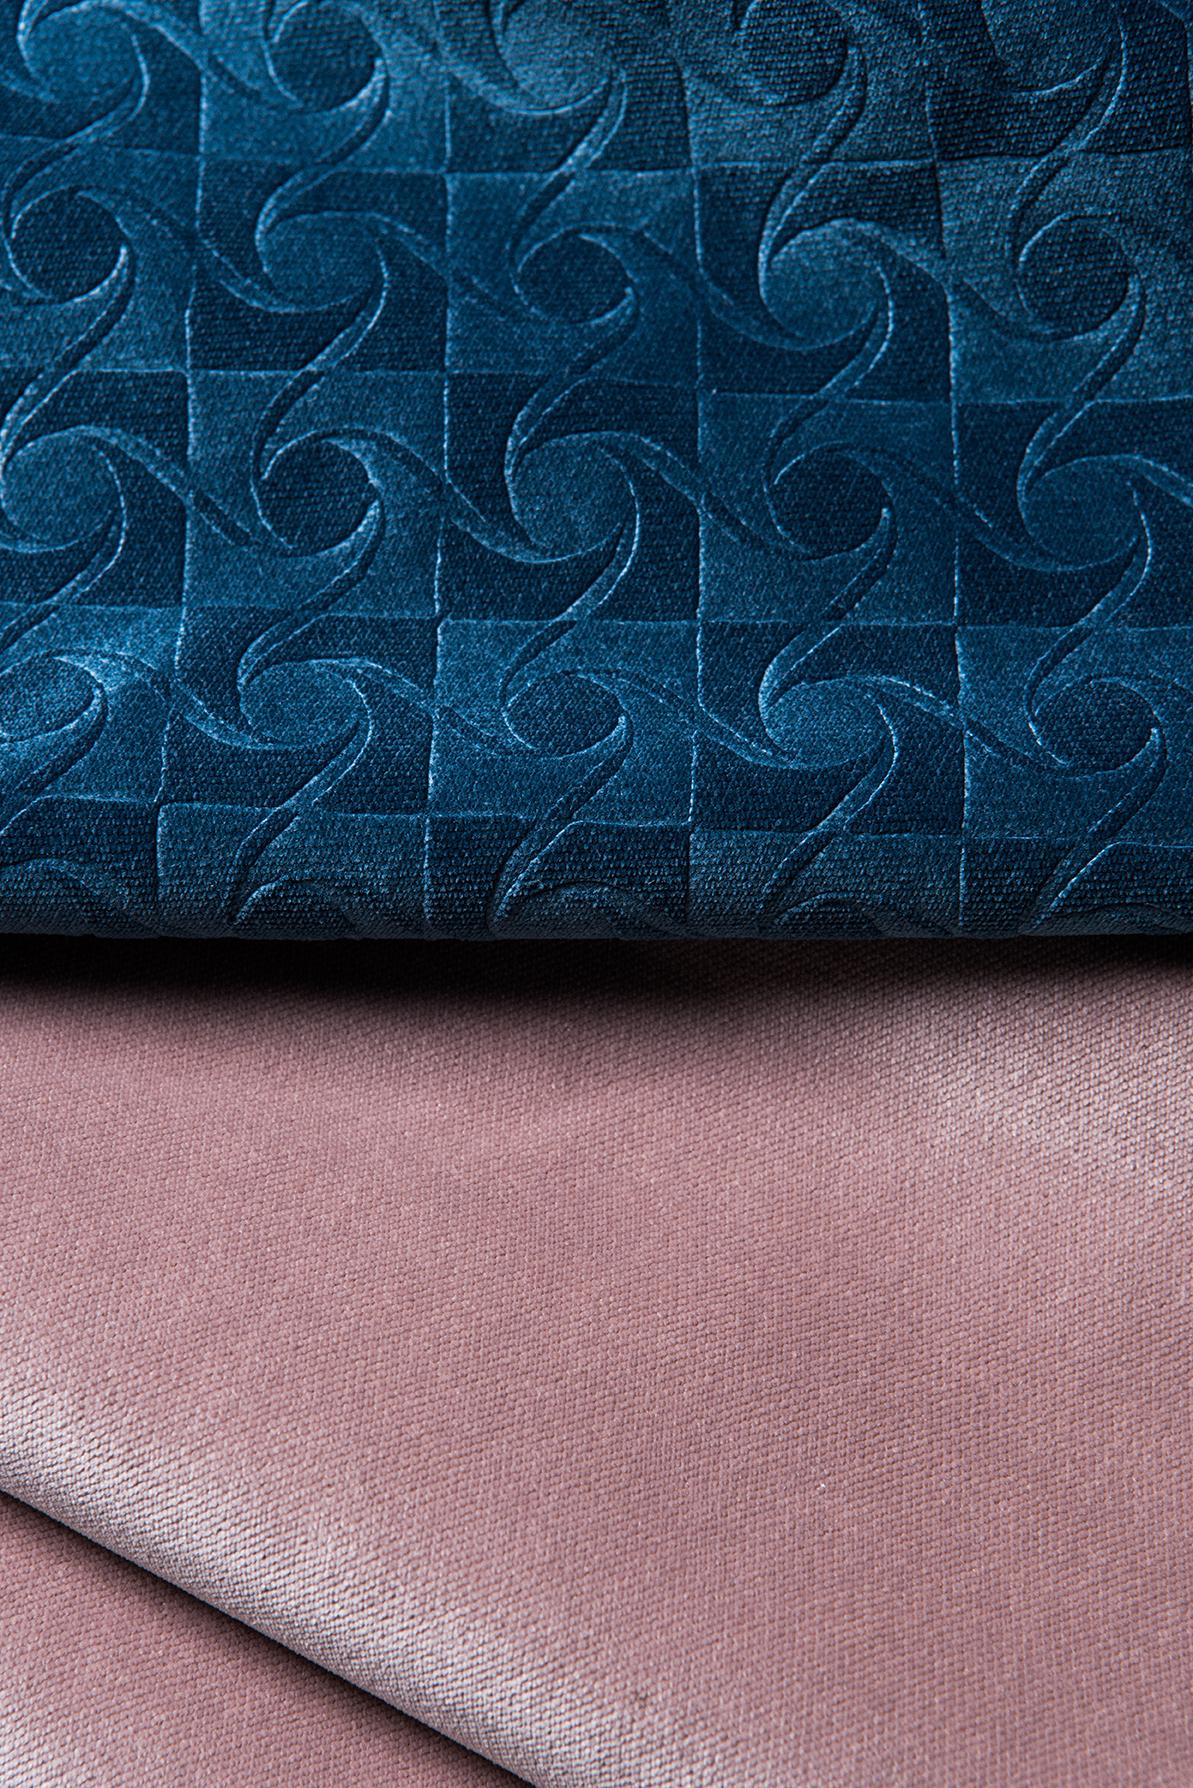 FUNKY \ polyester velvet  SINFONIA \ polyester velvet